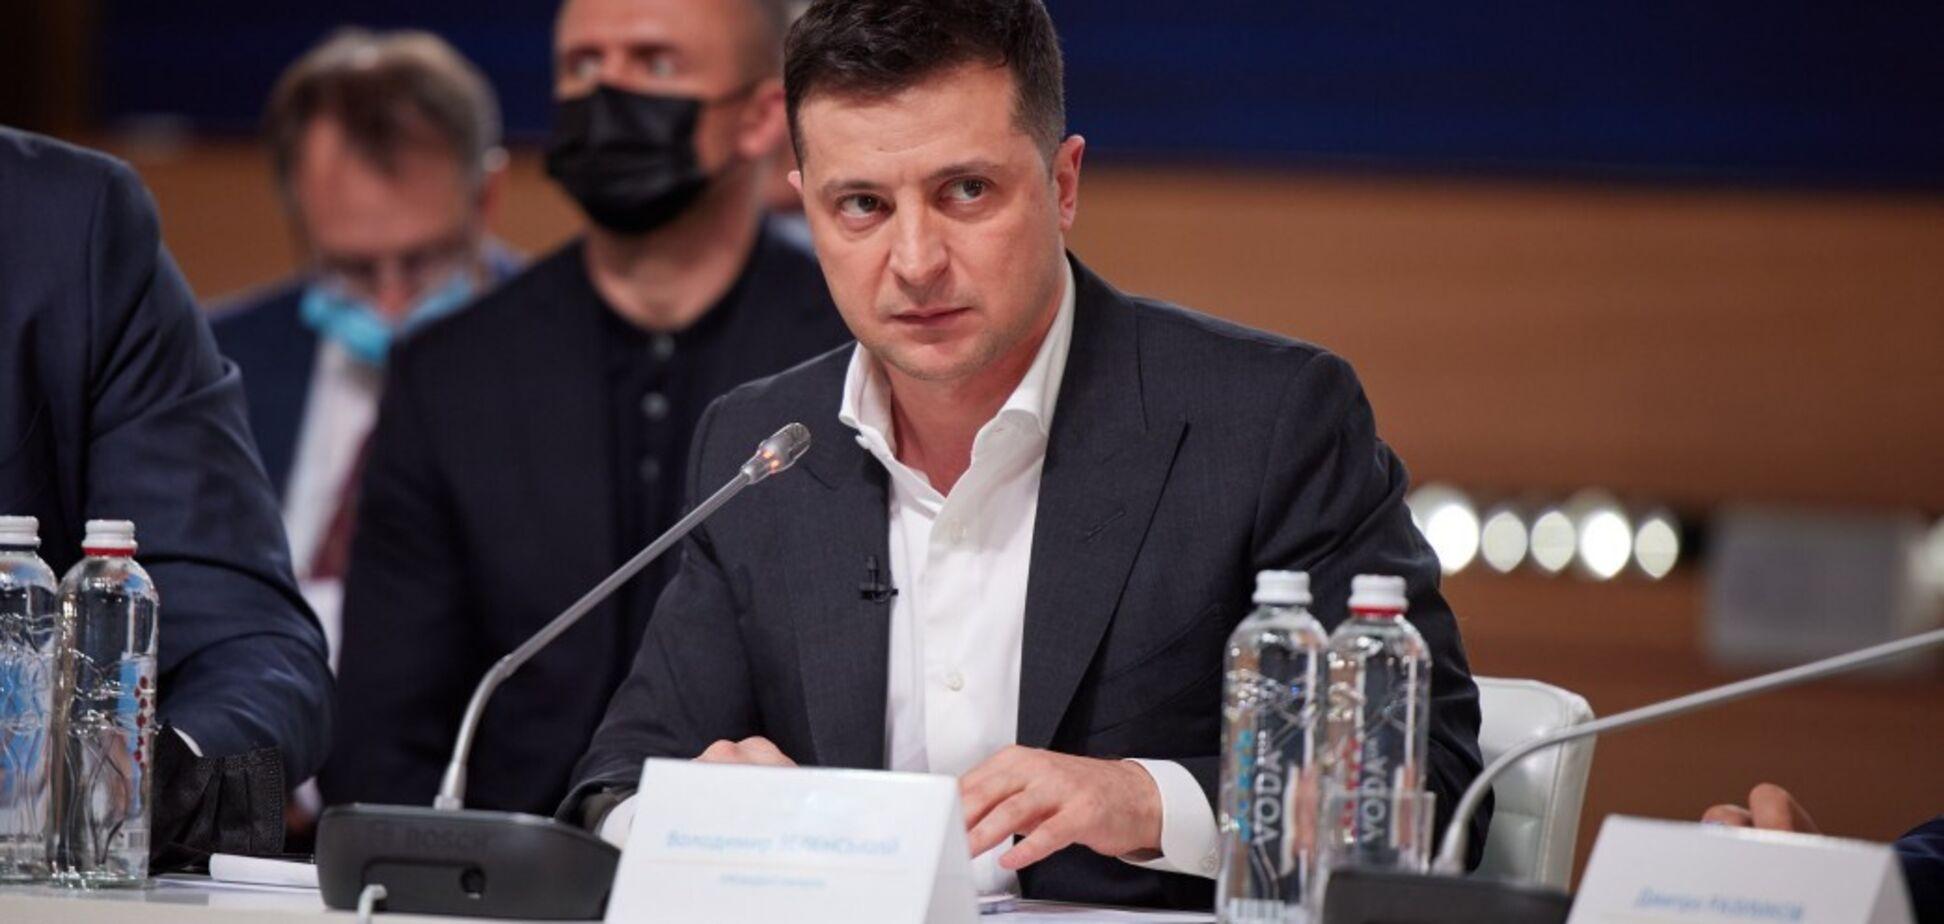 Зеленский призвал изменить Минские соглашения и расширить 'нормандский формат'